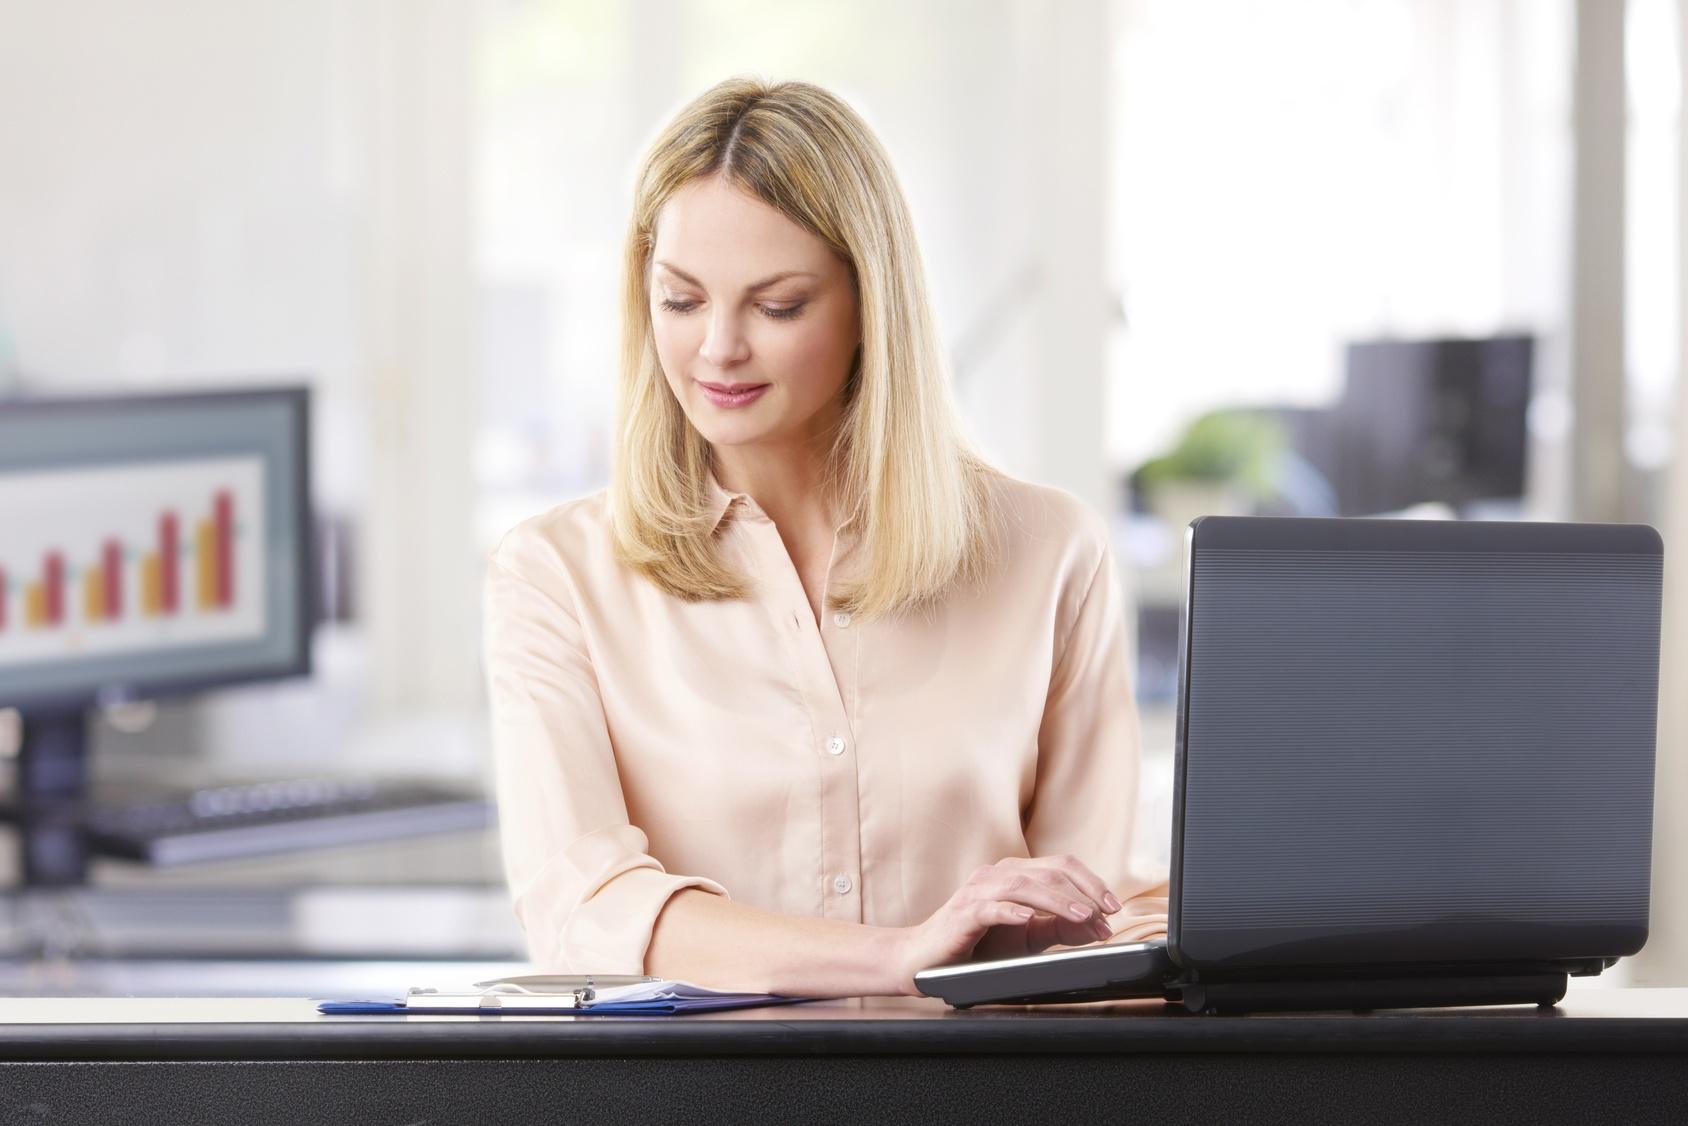 Mit dem Sparkasse Kreditrechner Können Sie Ganz Leicht einen Kredit Beantragen